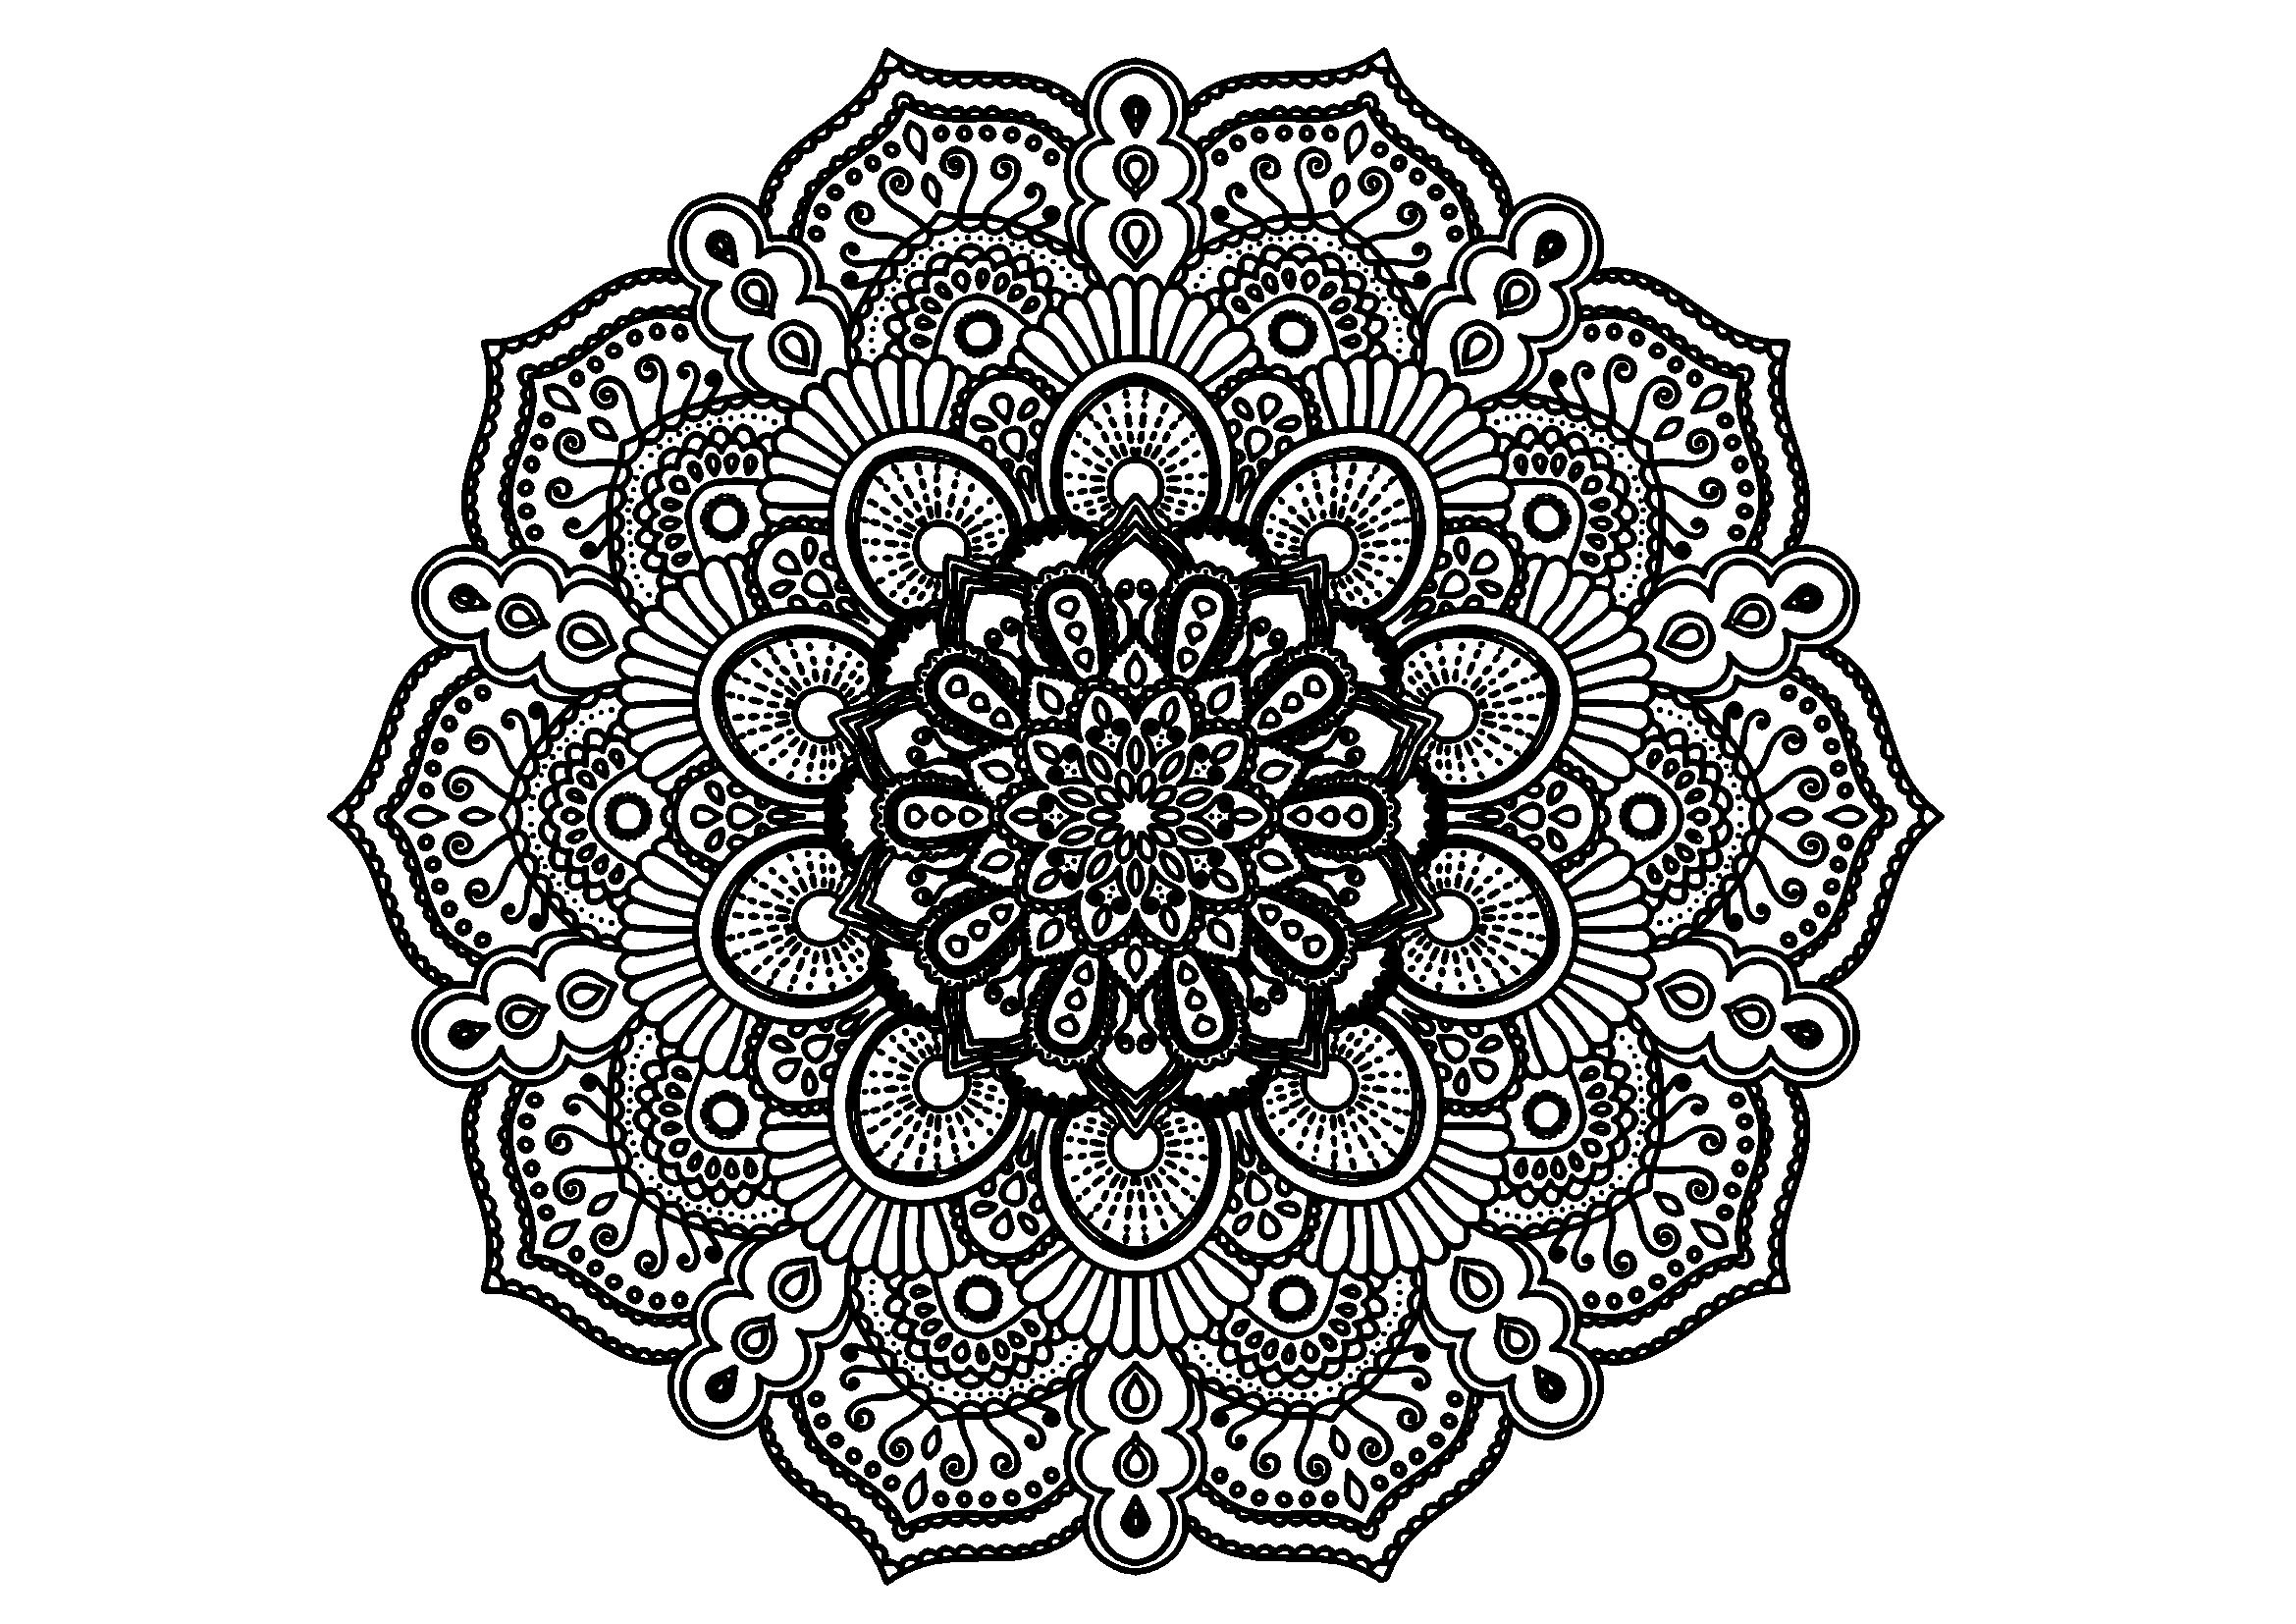 Mandala Ausmalbilder Kostenlos Malvorlagen Windowcolor Zum Drucken